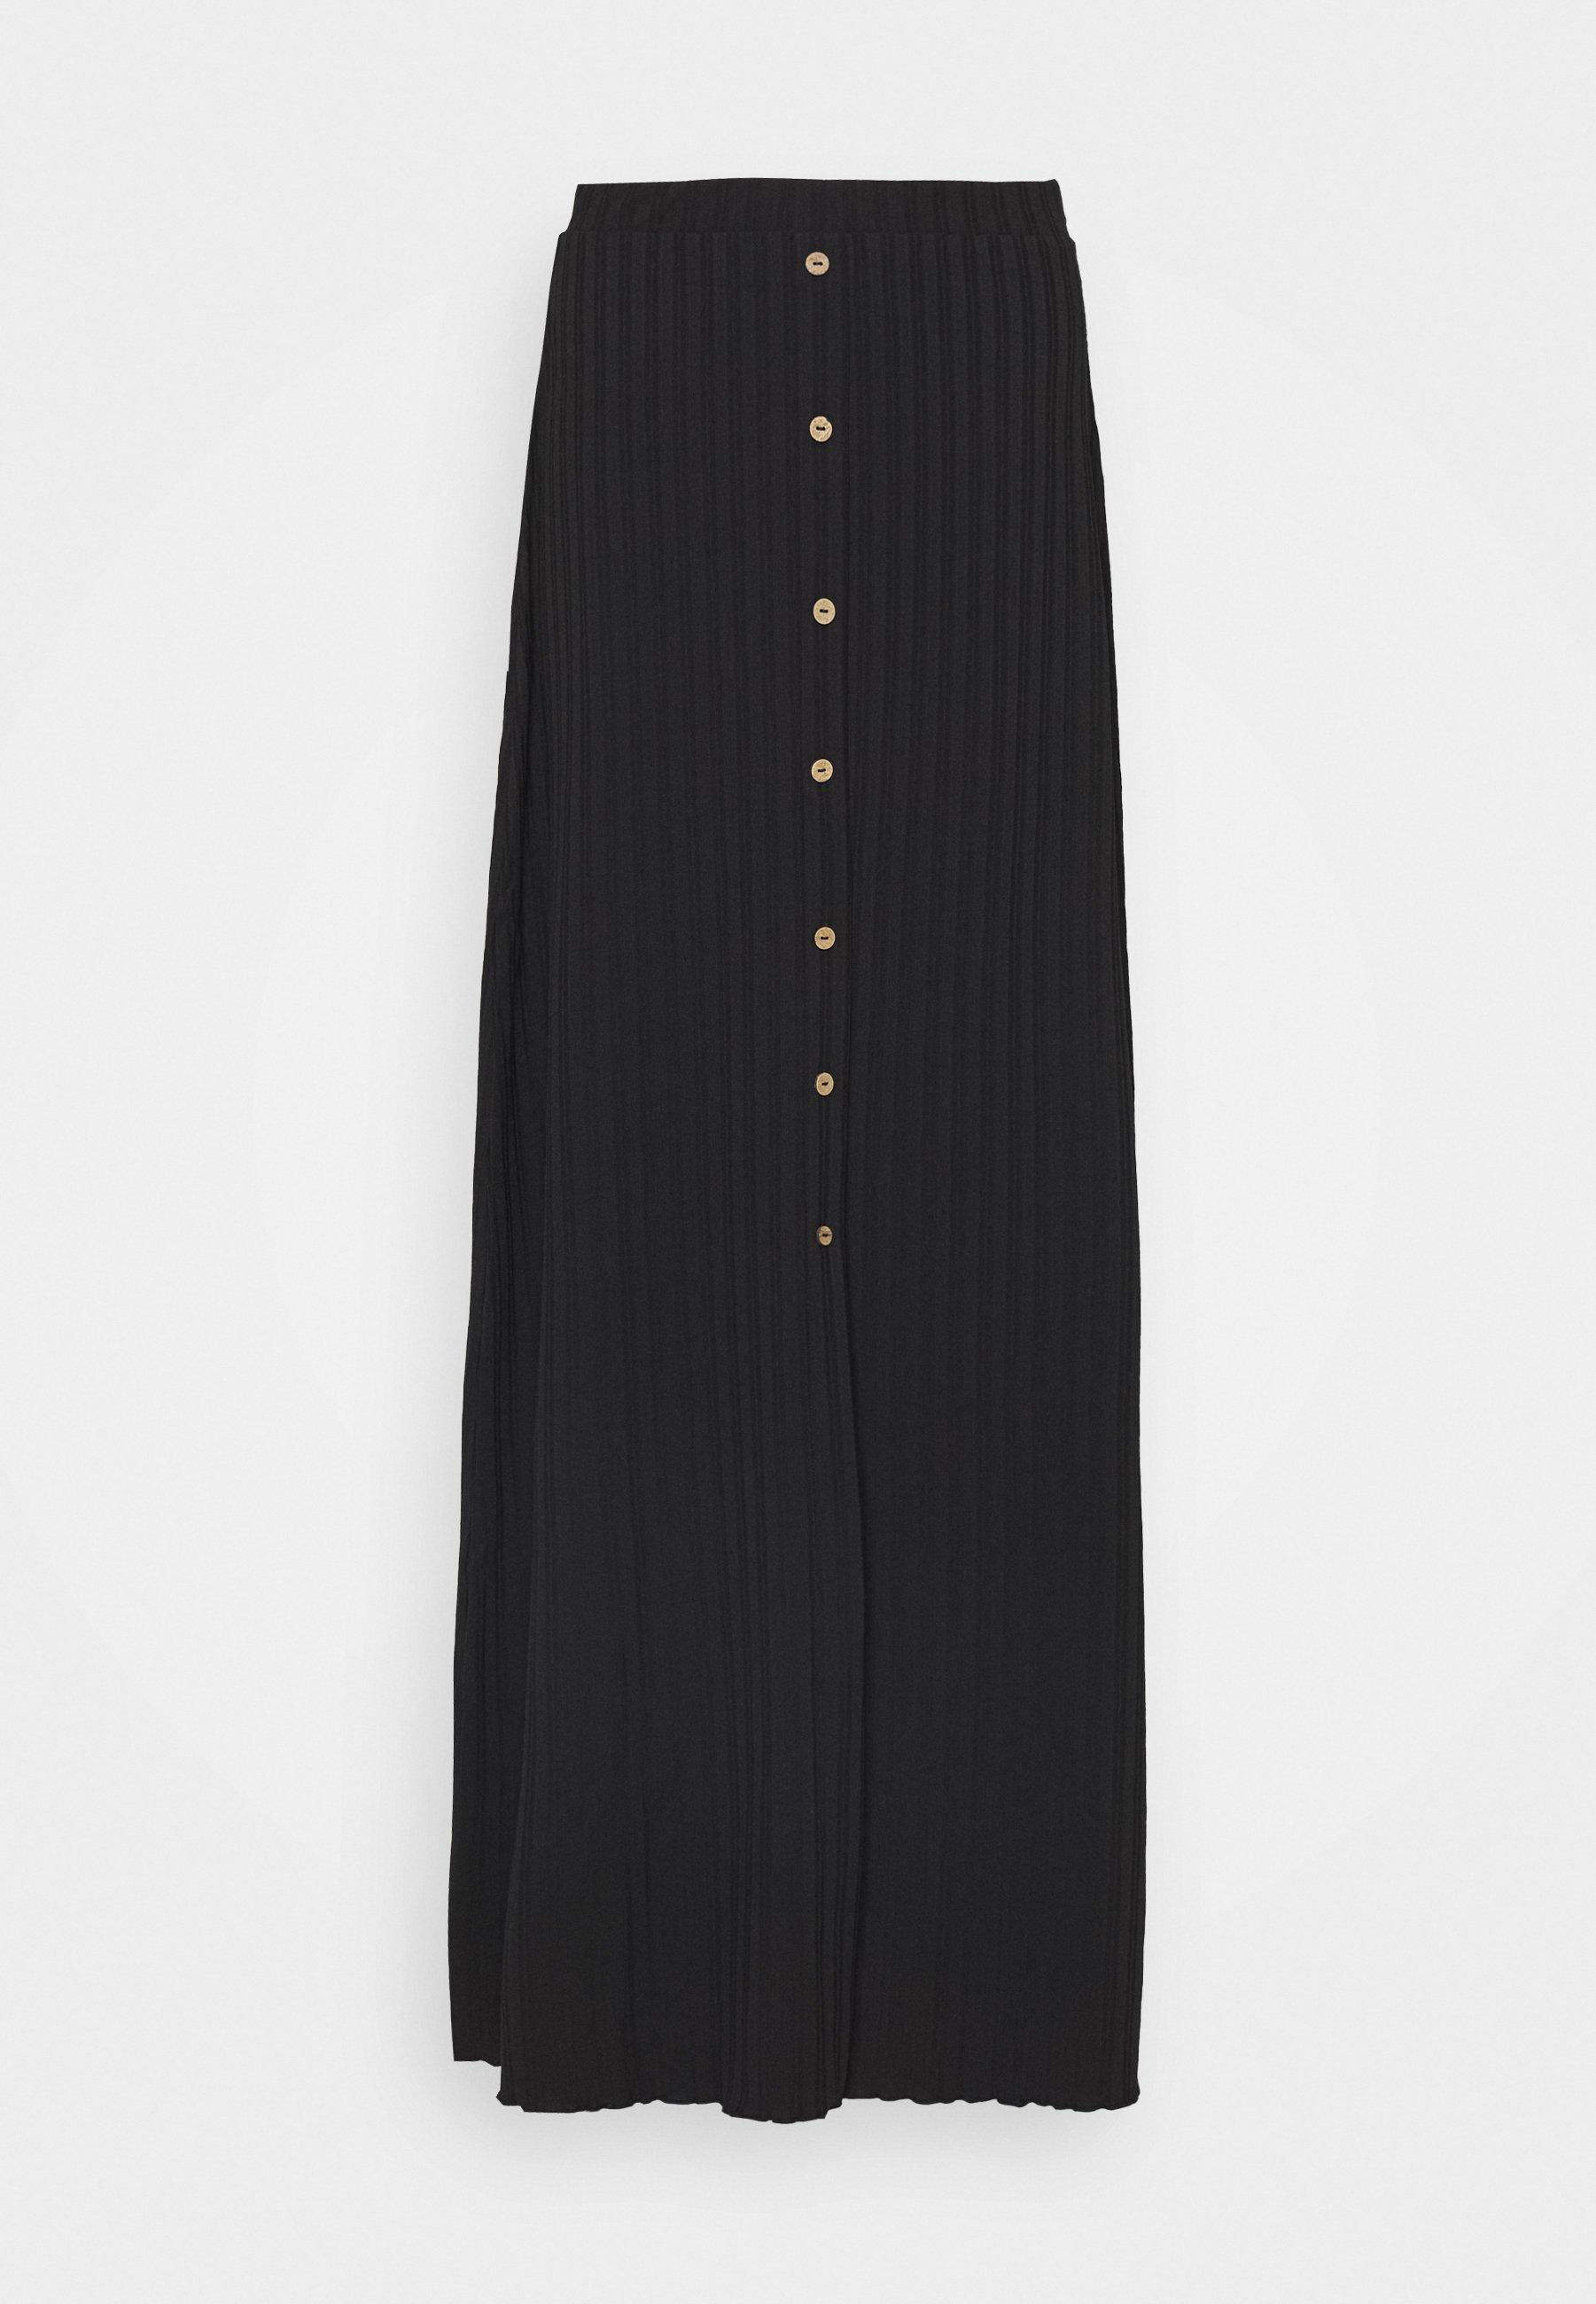 Kjolar | Köp din kjol online på Zalando.se